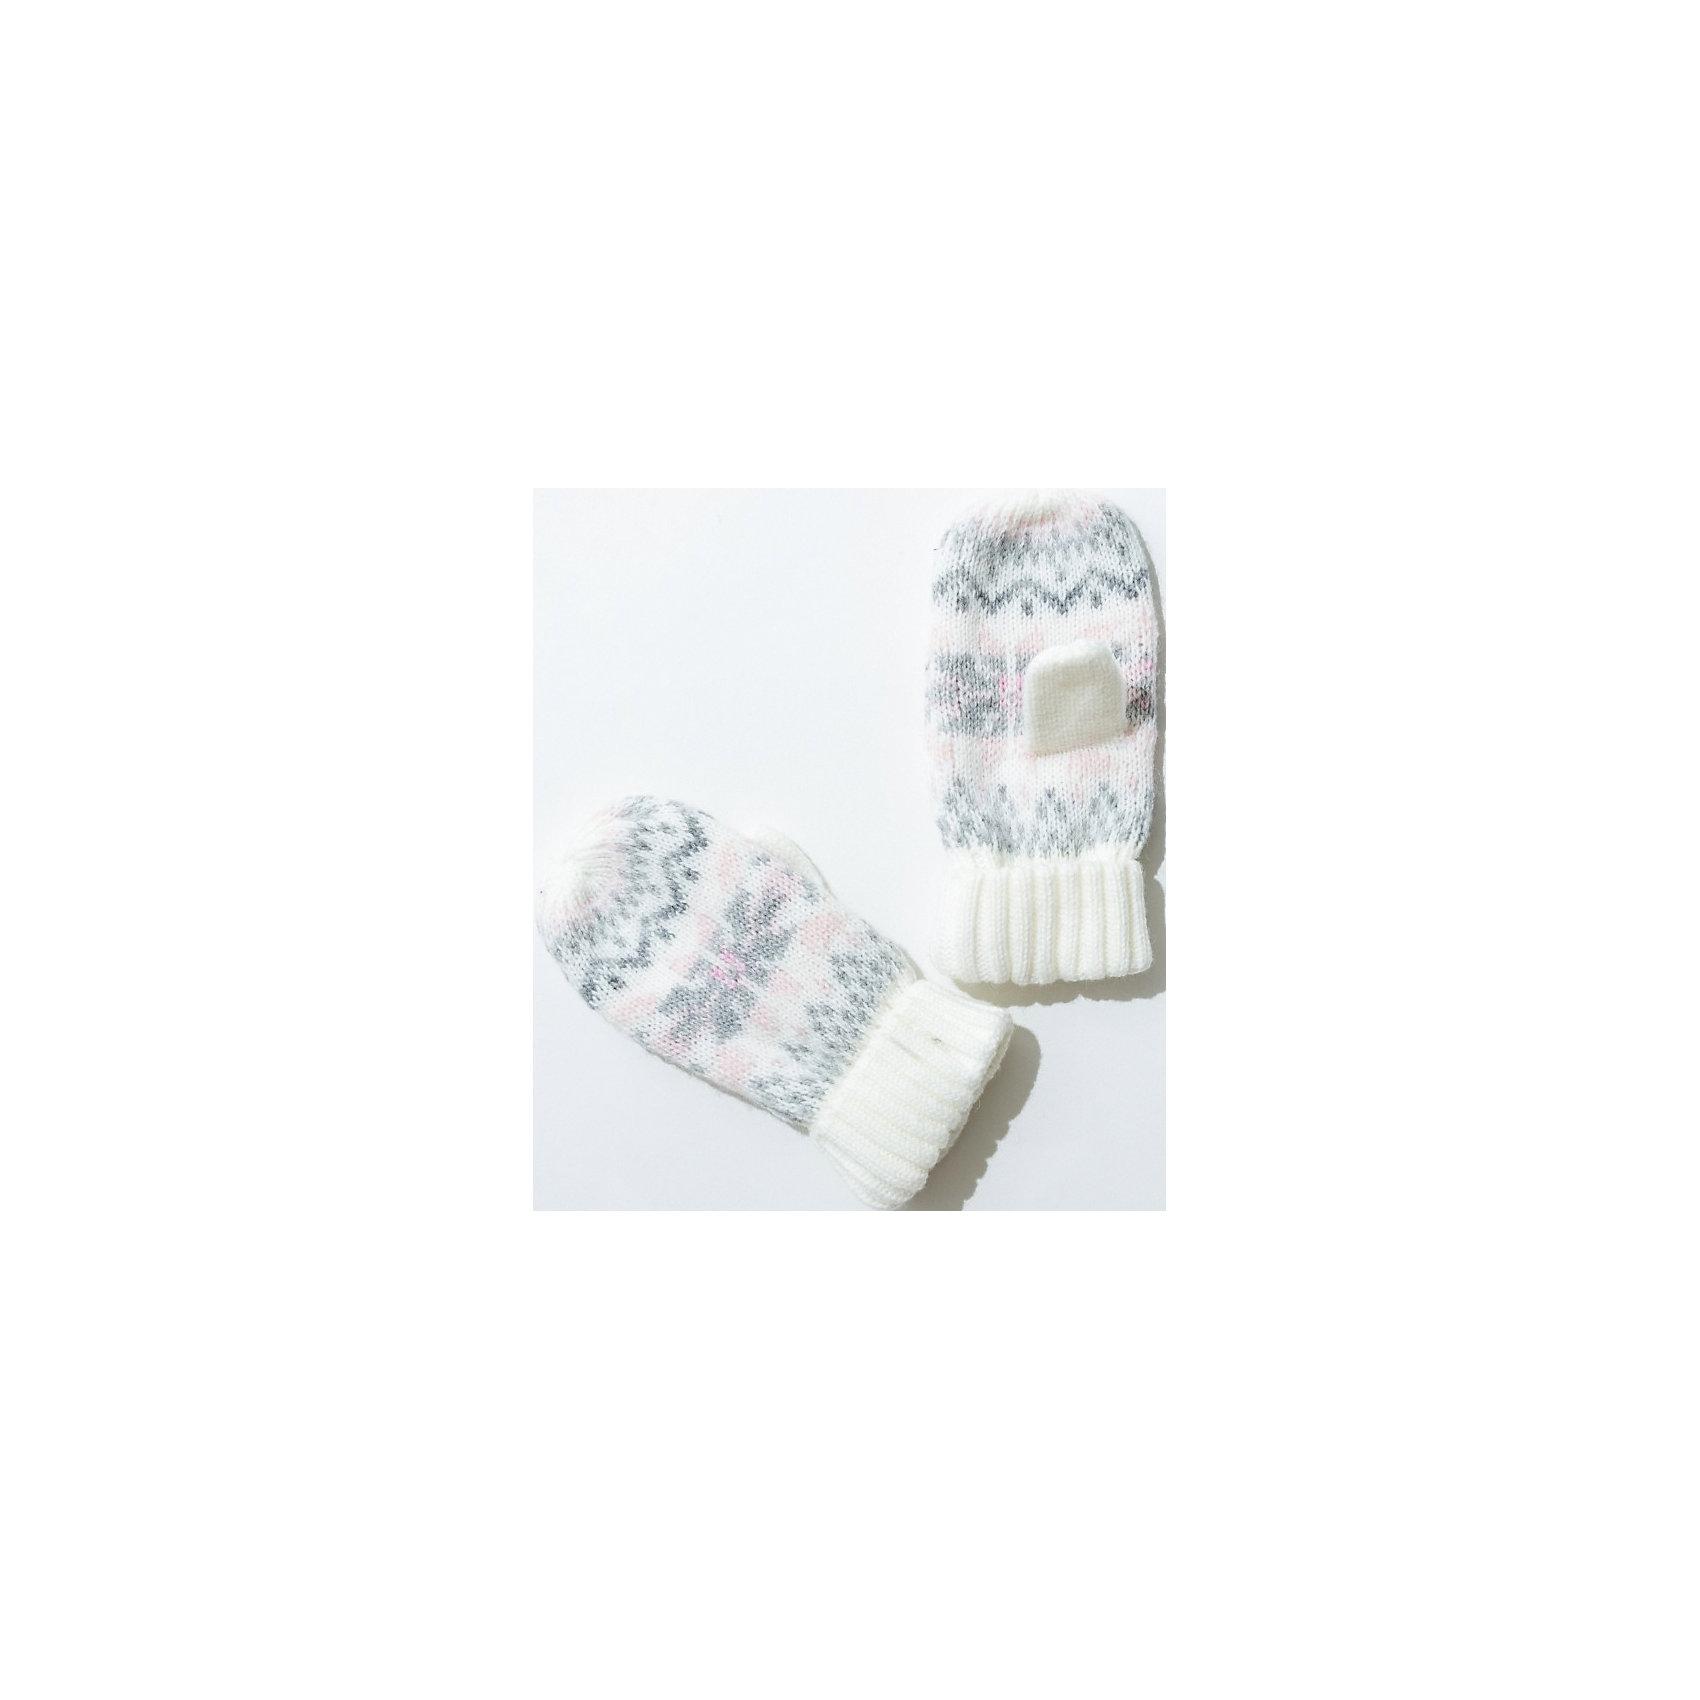 Варежки для девочки SELAПерчатки, варежки<br>Симпатичные удобные варежки - незаменимая вещь в прохладное время года. Эта модель отлично сидит на руке, она сделана из плотного материала, позволяет гулять с комфортом на свежем воздухе зимой. Мягкая подкладка не вызывает аллергии и обеспечивает ребенку комфорт. Модель будет уместна в различных сочетаниях.<br>Одежда от бренда Sela (Села) - это качество по приемлемым ценам. Многие российские родители уже оценили преимущества продукции этой компании и всё чаще приобретают одежду и аксессуары Sela.<br><br>Дополнительная информация:<br><br>вязаный узор;<br>материал: 90% акрил, 10% шерсть.<br><br>Варежки для девочки от бренда Sela можно купить в нашем интернет-магазине.<br><br>Ширина мм: 162<br>Глубина мм: 171<br>Высота мм: 55<br>Вес г: 119<br>Цвет: белый<br>Возраст от месяцев: 72<br>Возраст до месяцев: 144<br>Пол: Женский<br>Возраст: Детский<br>Размер: 1,2<br>SKU: 4919453